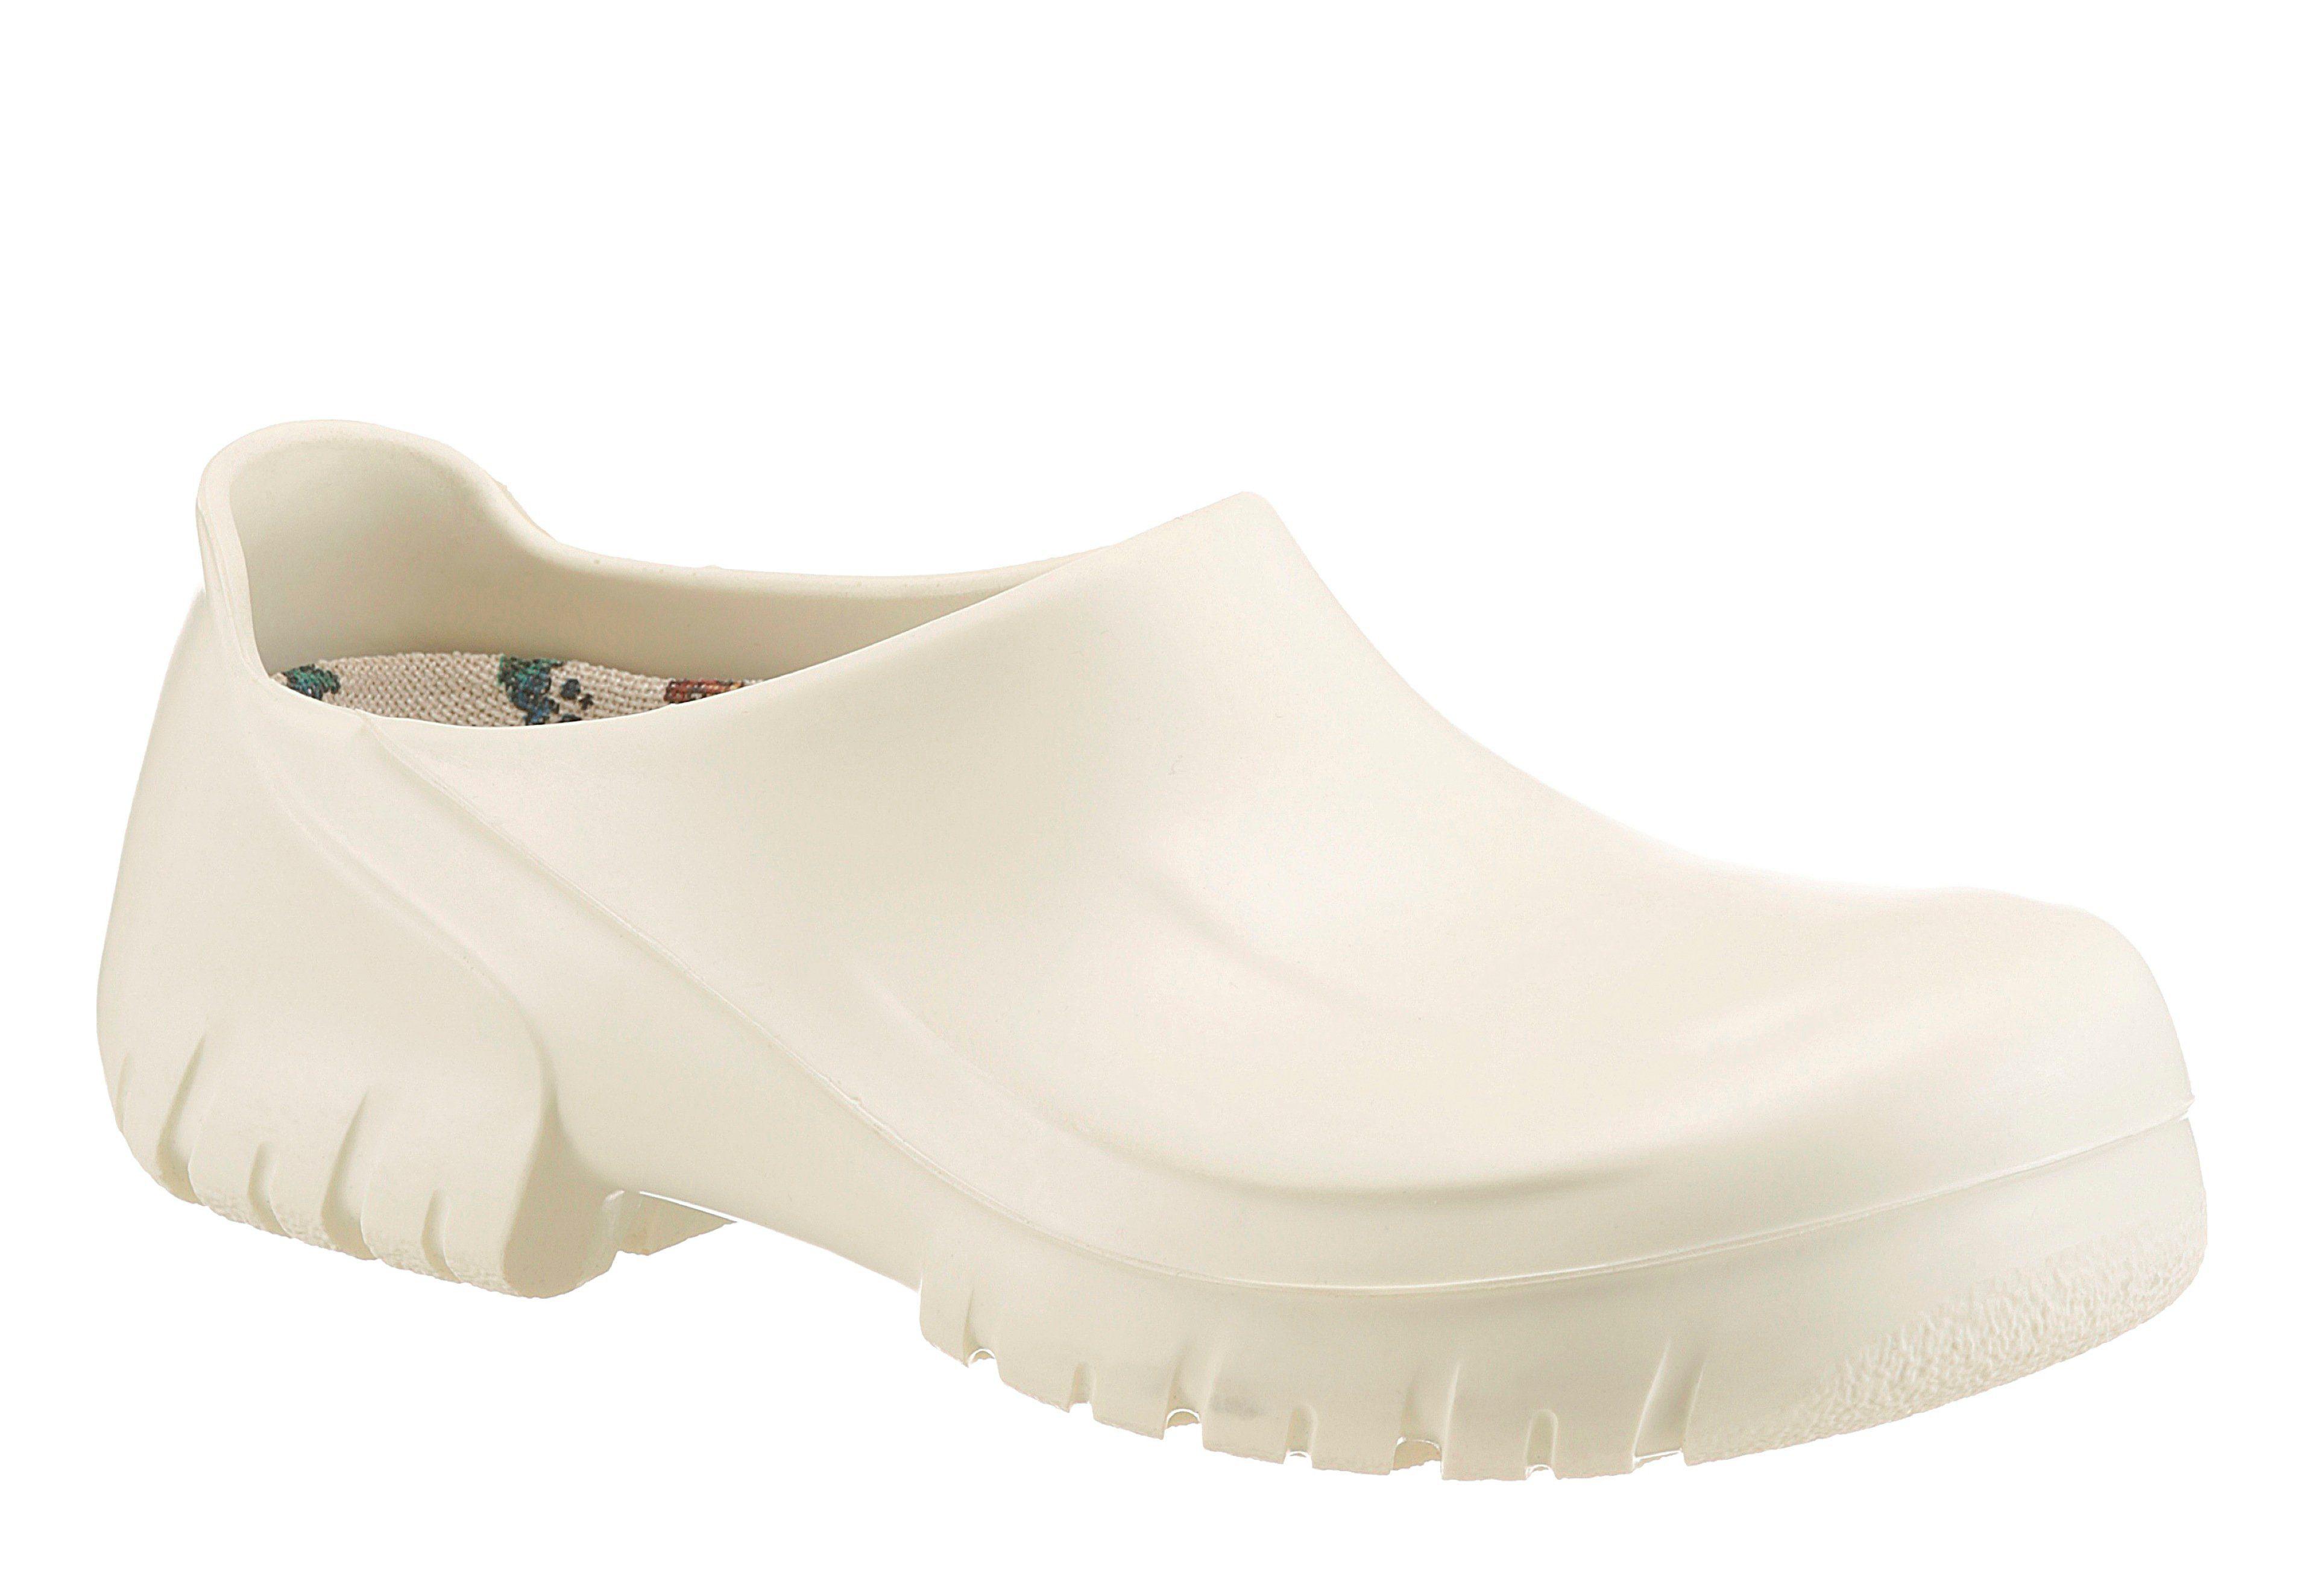 Birkenstock A 640 Clog, Waschbar bei 60° (Wechselfußbett bitte separat bei 30° waschen) online kaufen  weiß-offwhite